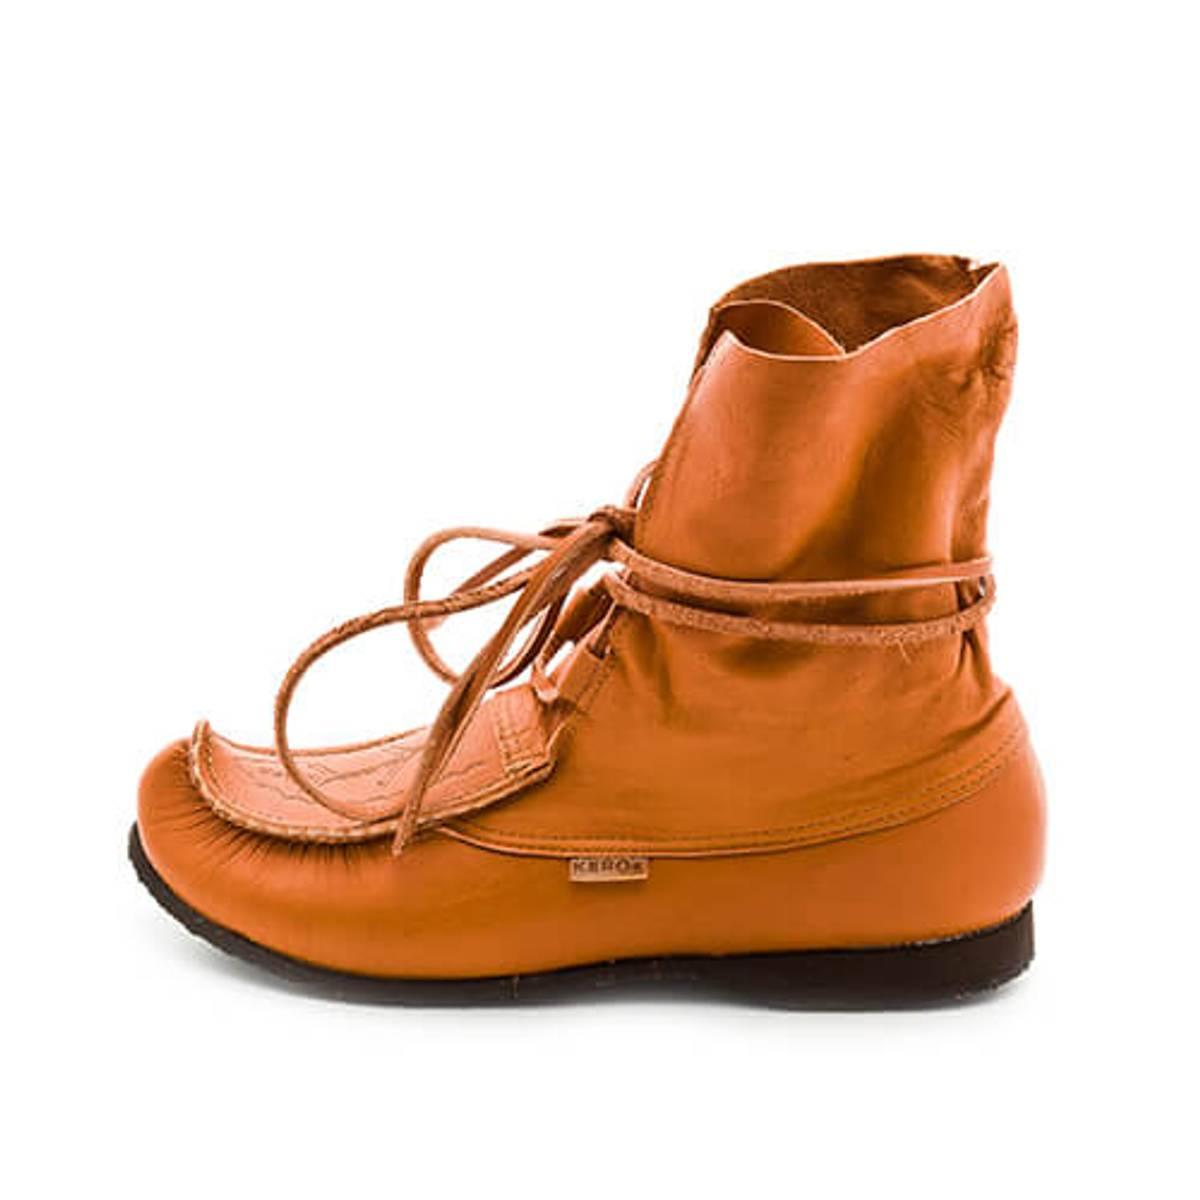 Kero sko for skallebånd- Rødbrun